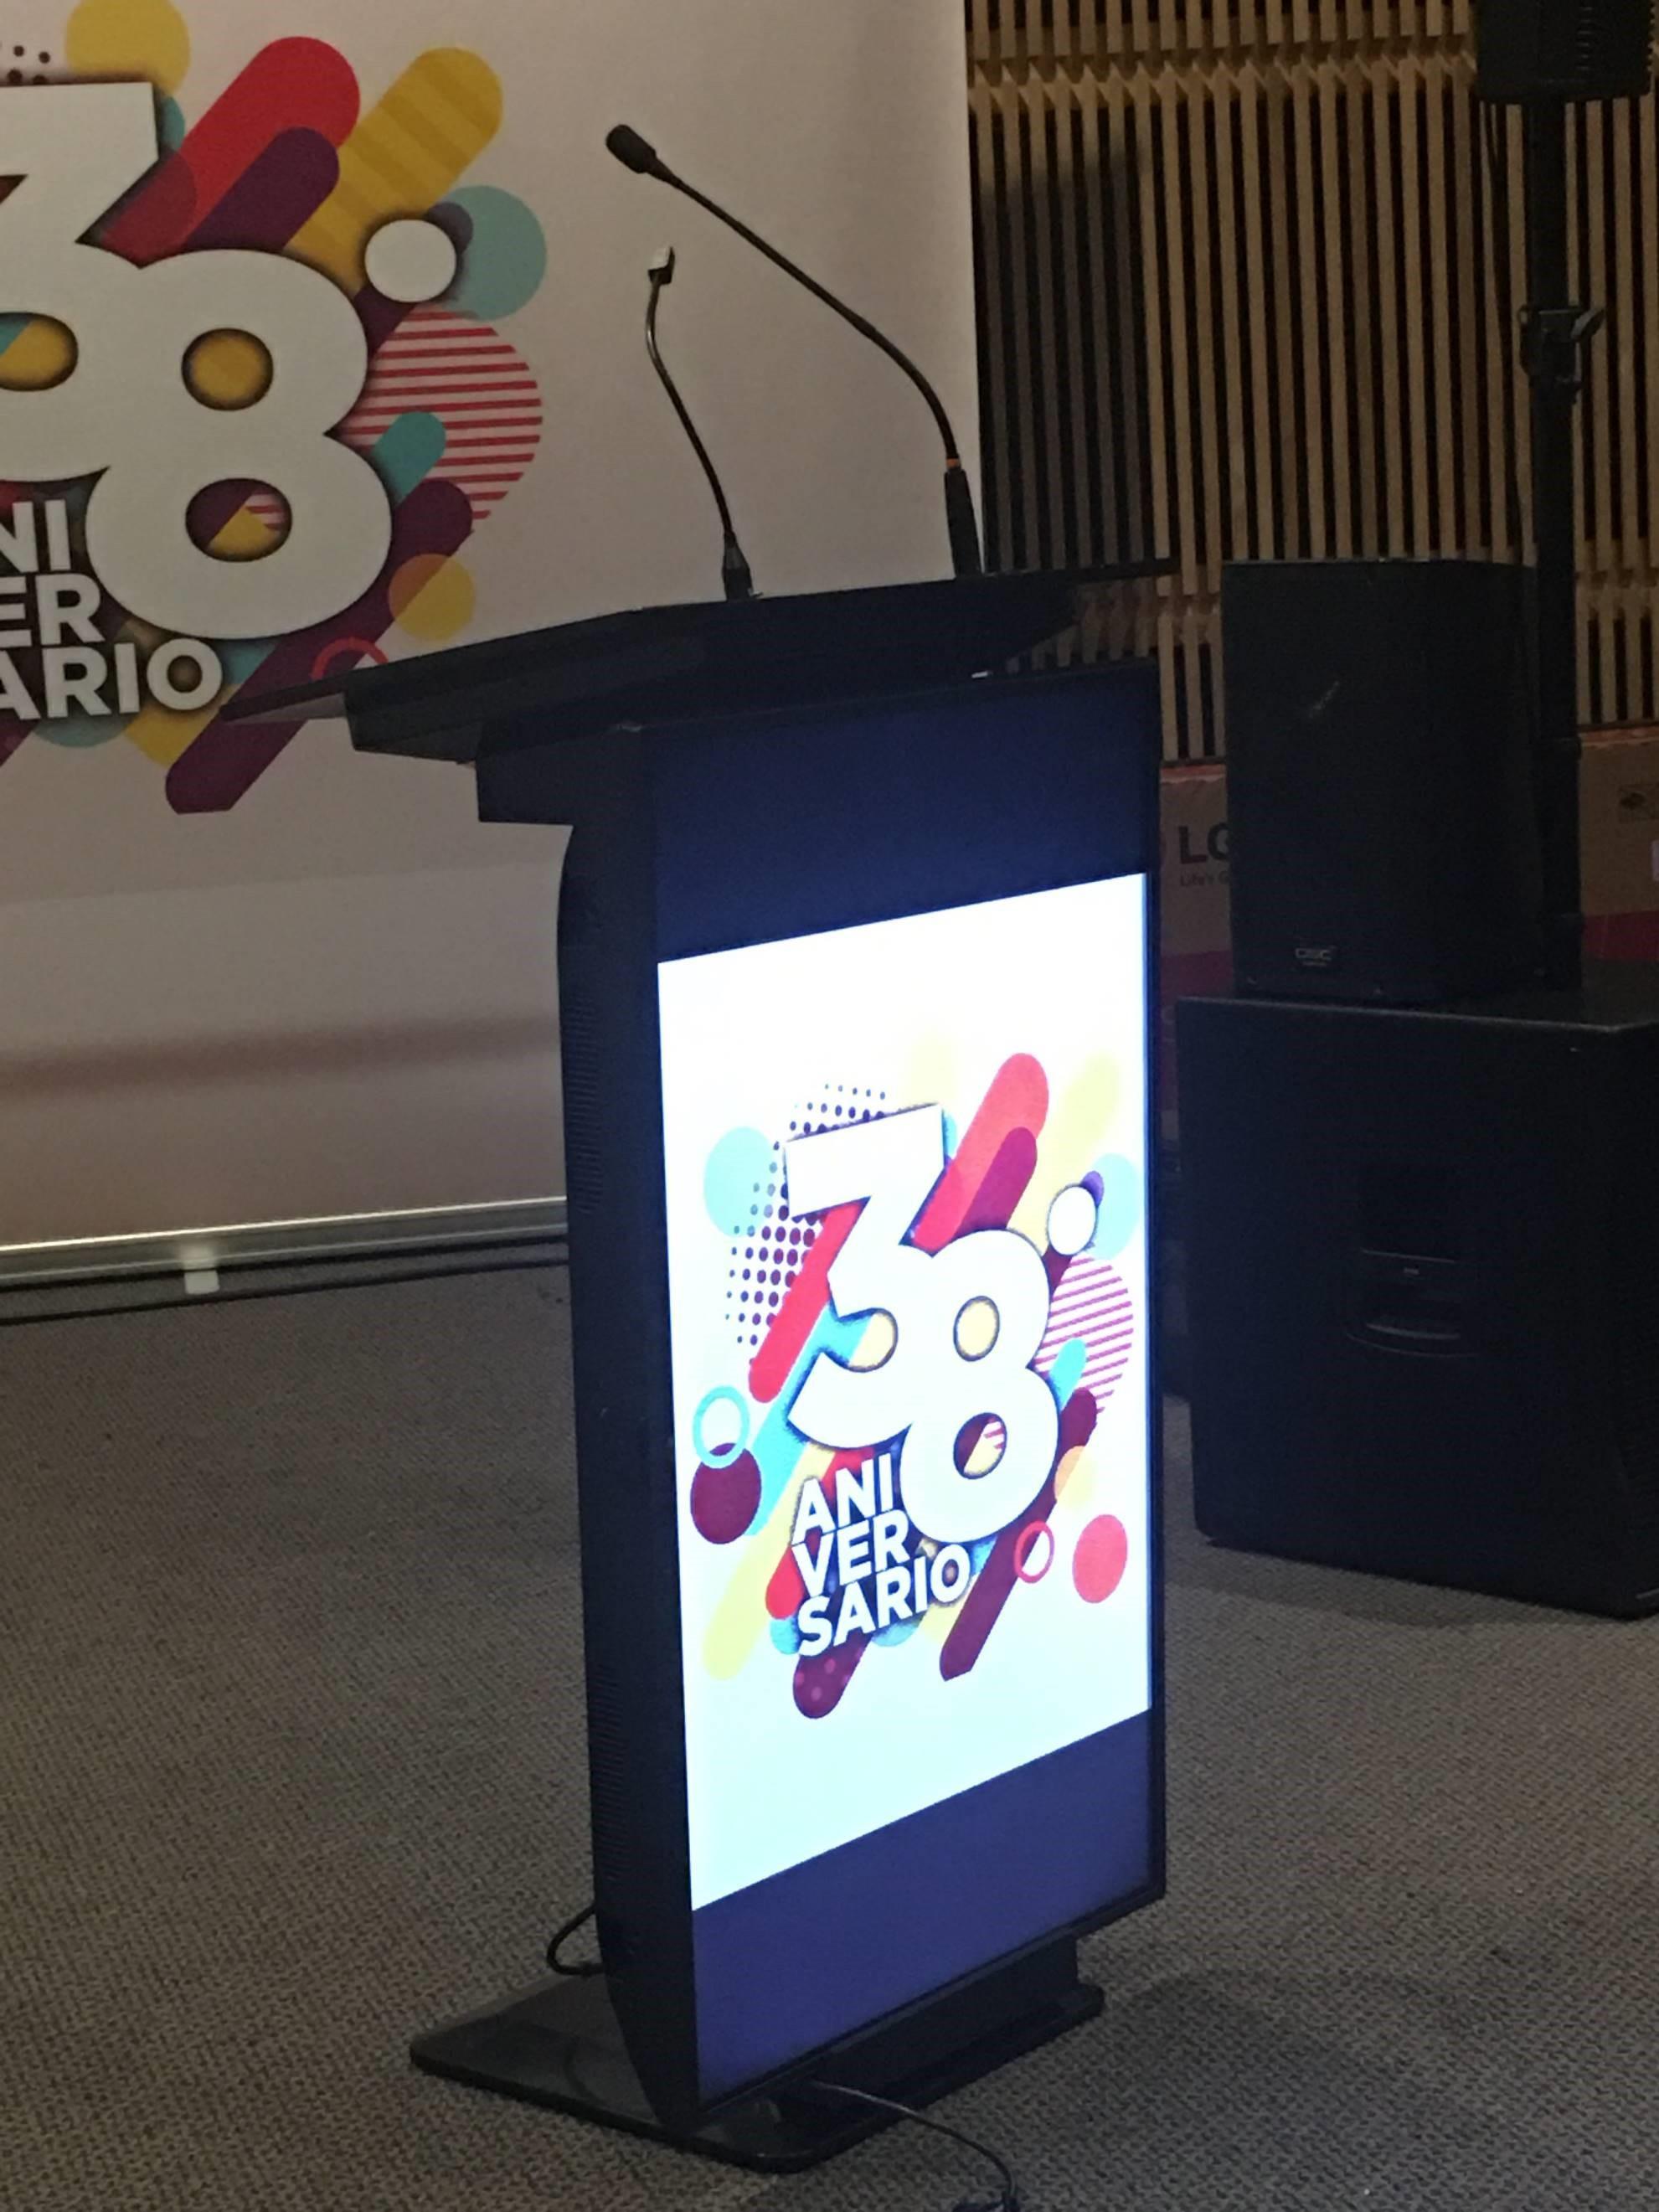 Podium interactivo con pantalla